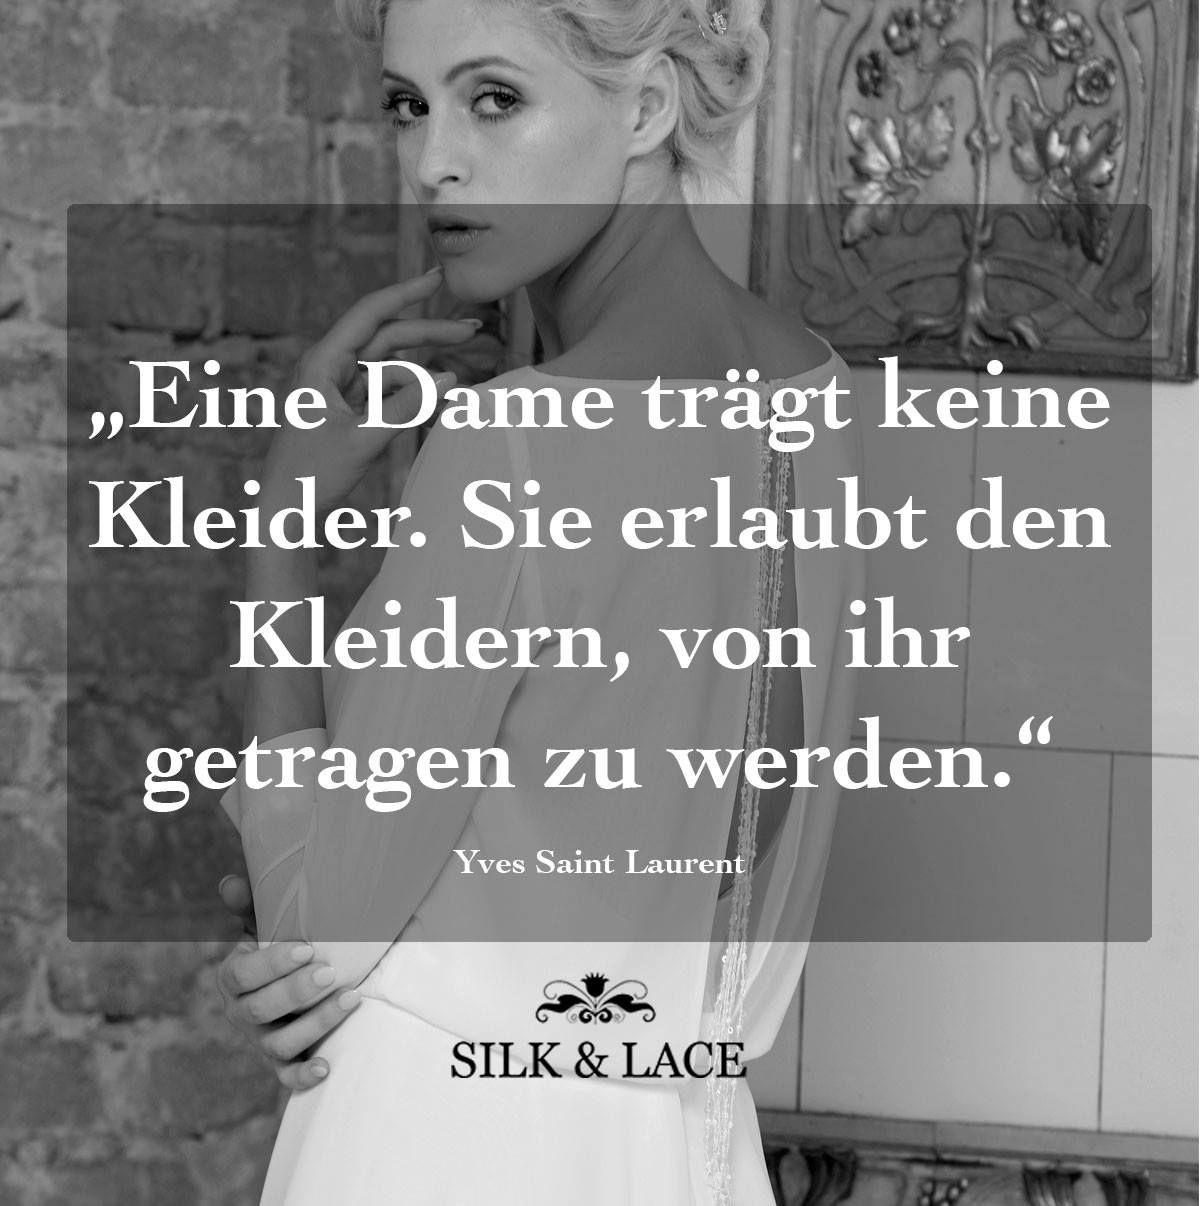 True Spruch Wahr Stil Mode Zitate Dame Kleider Yves Saint Laurent 3 Chanel Zitate Mode Zitate Yves Saint Laurent